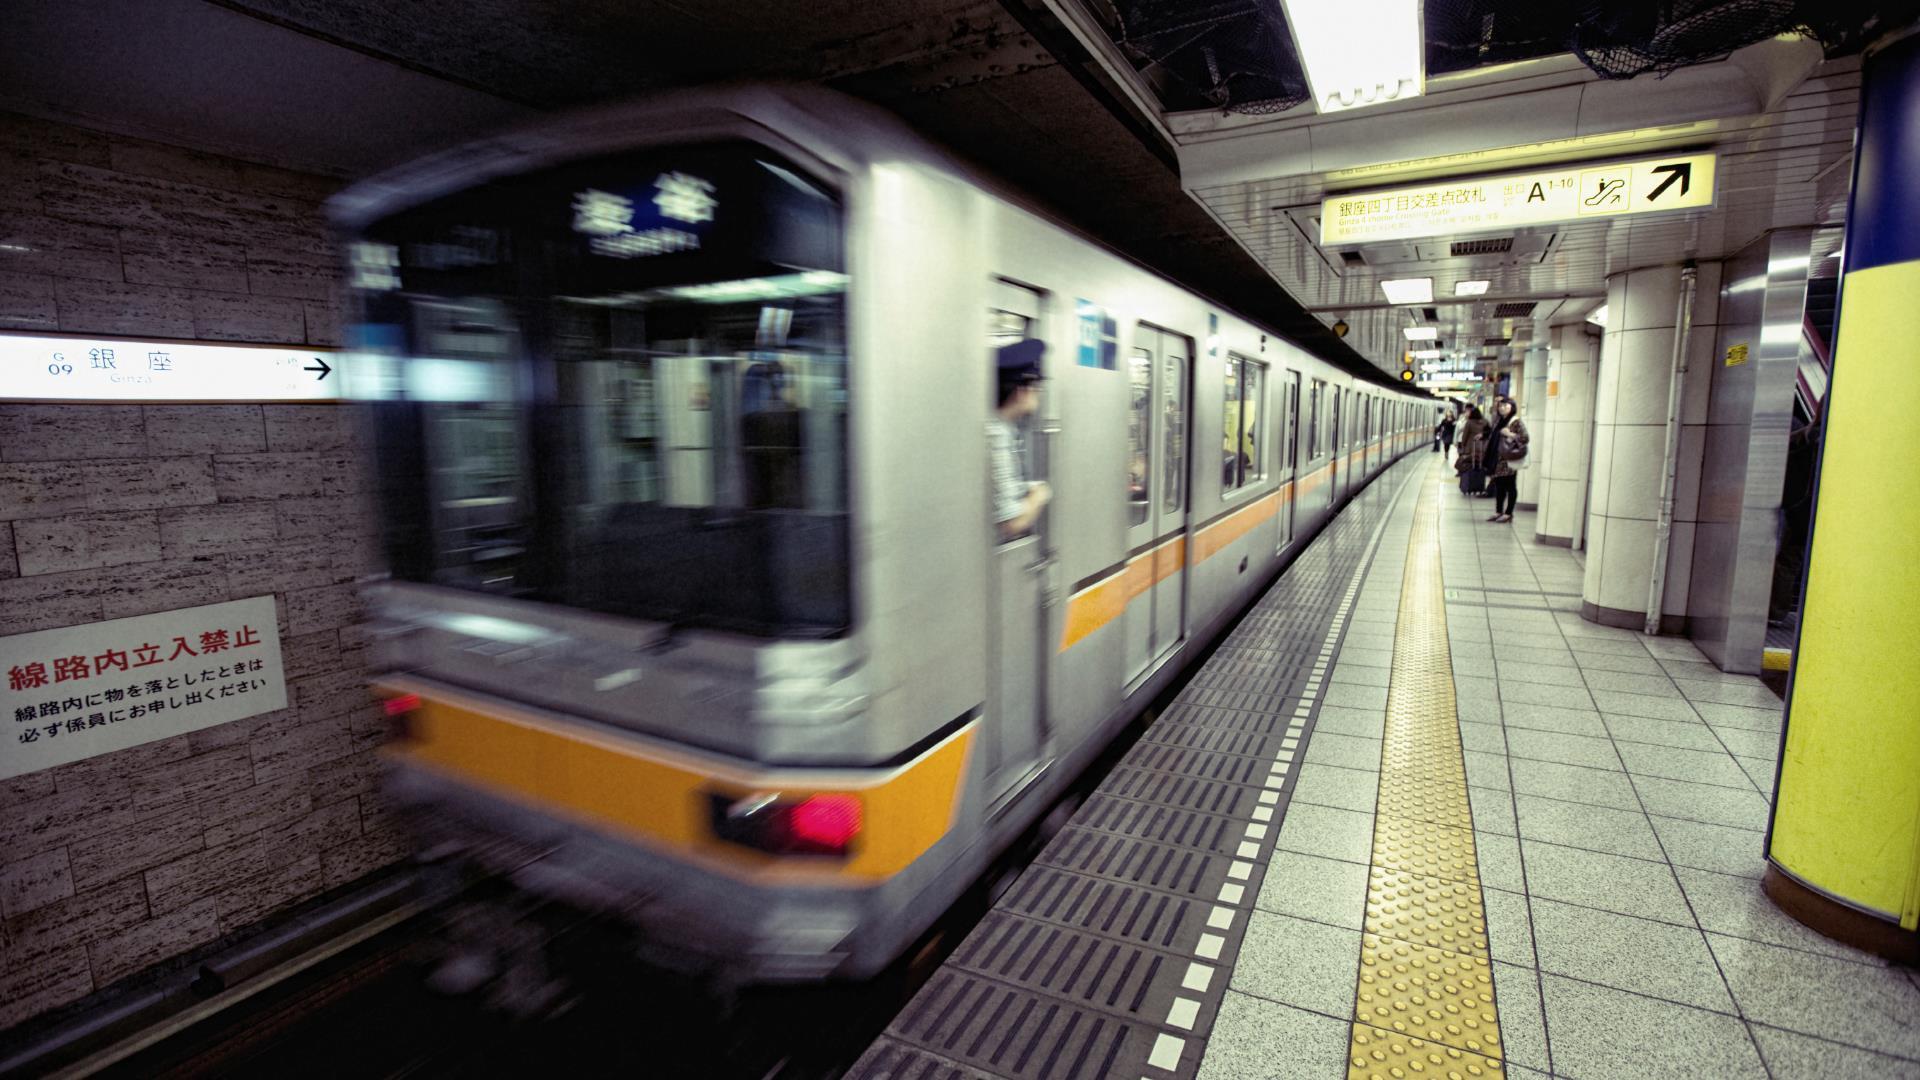 Las embarazadas se podrán sentar en el subte en Japón, gracias a un mensaje